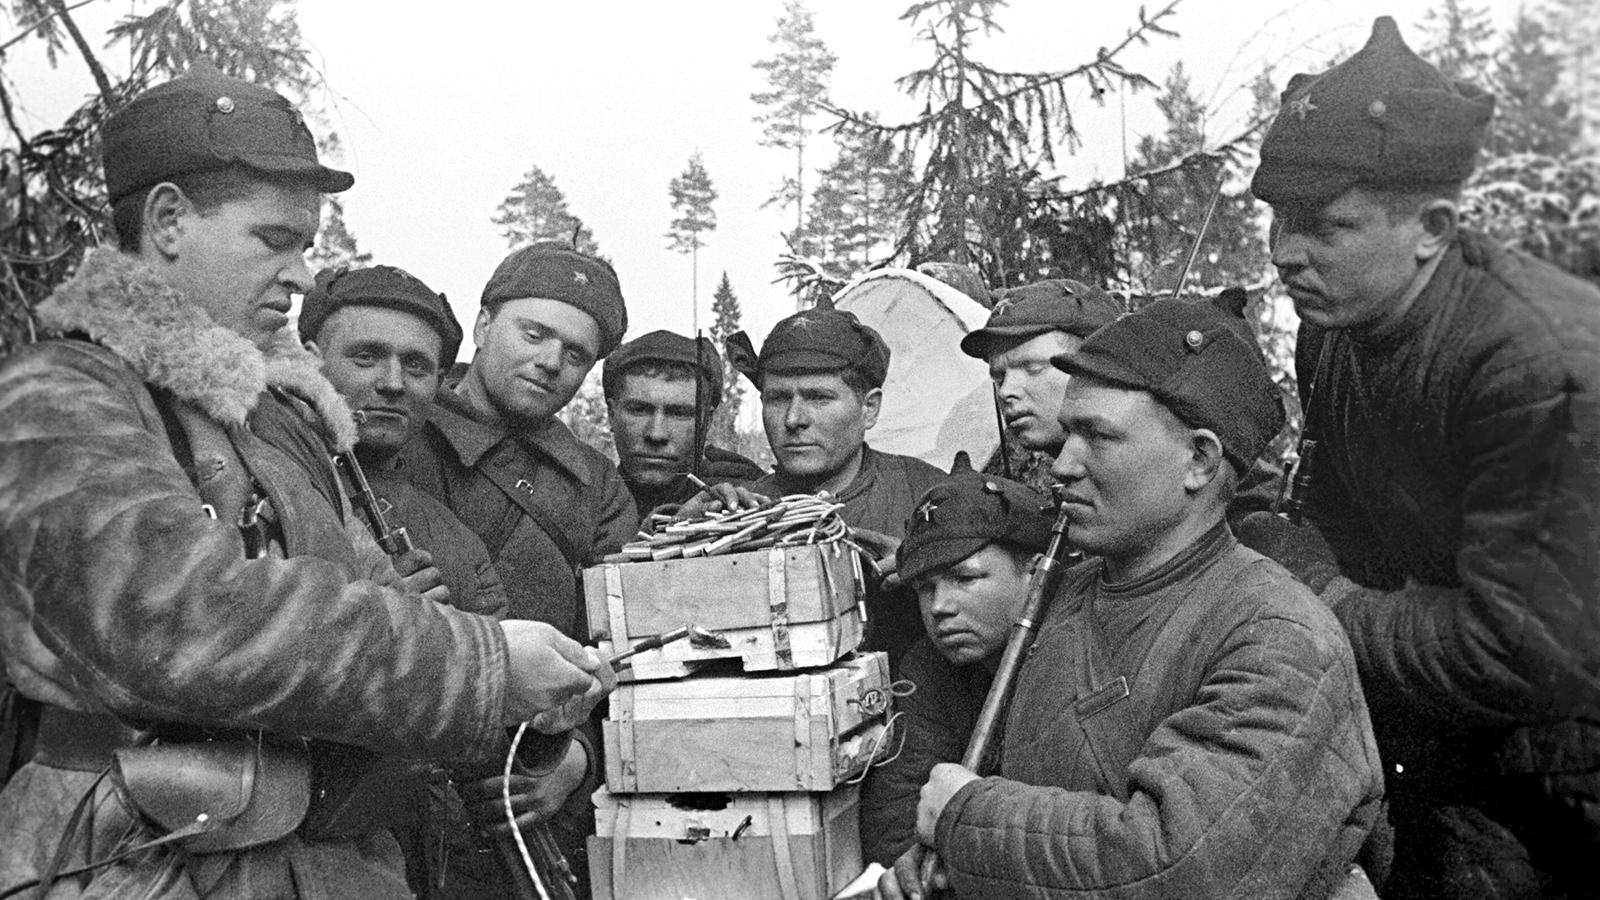 В 1940-м территория СССР значительно расширилась. В марте закончилась Советско-Финская война, итогом которой стало заключение в Москве мирного договора. В соответствии с ним, в частности, полностью в границах Советского Союза оказались Ладожское озеро и Карельский перешеек с городами Выборг и Сортавала. 31 марта была создана Карело-Финская ССР. В этом же году появились Молдавская ССР, Литовская ССР, Латвийская ССР и Эстонская ССР. Обо всем этом подробно сообщали «Известия».